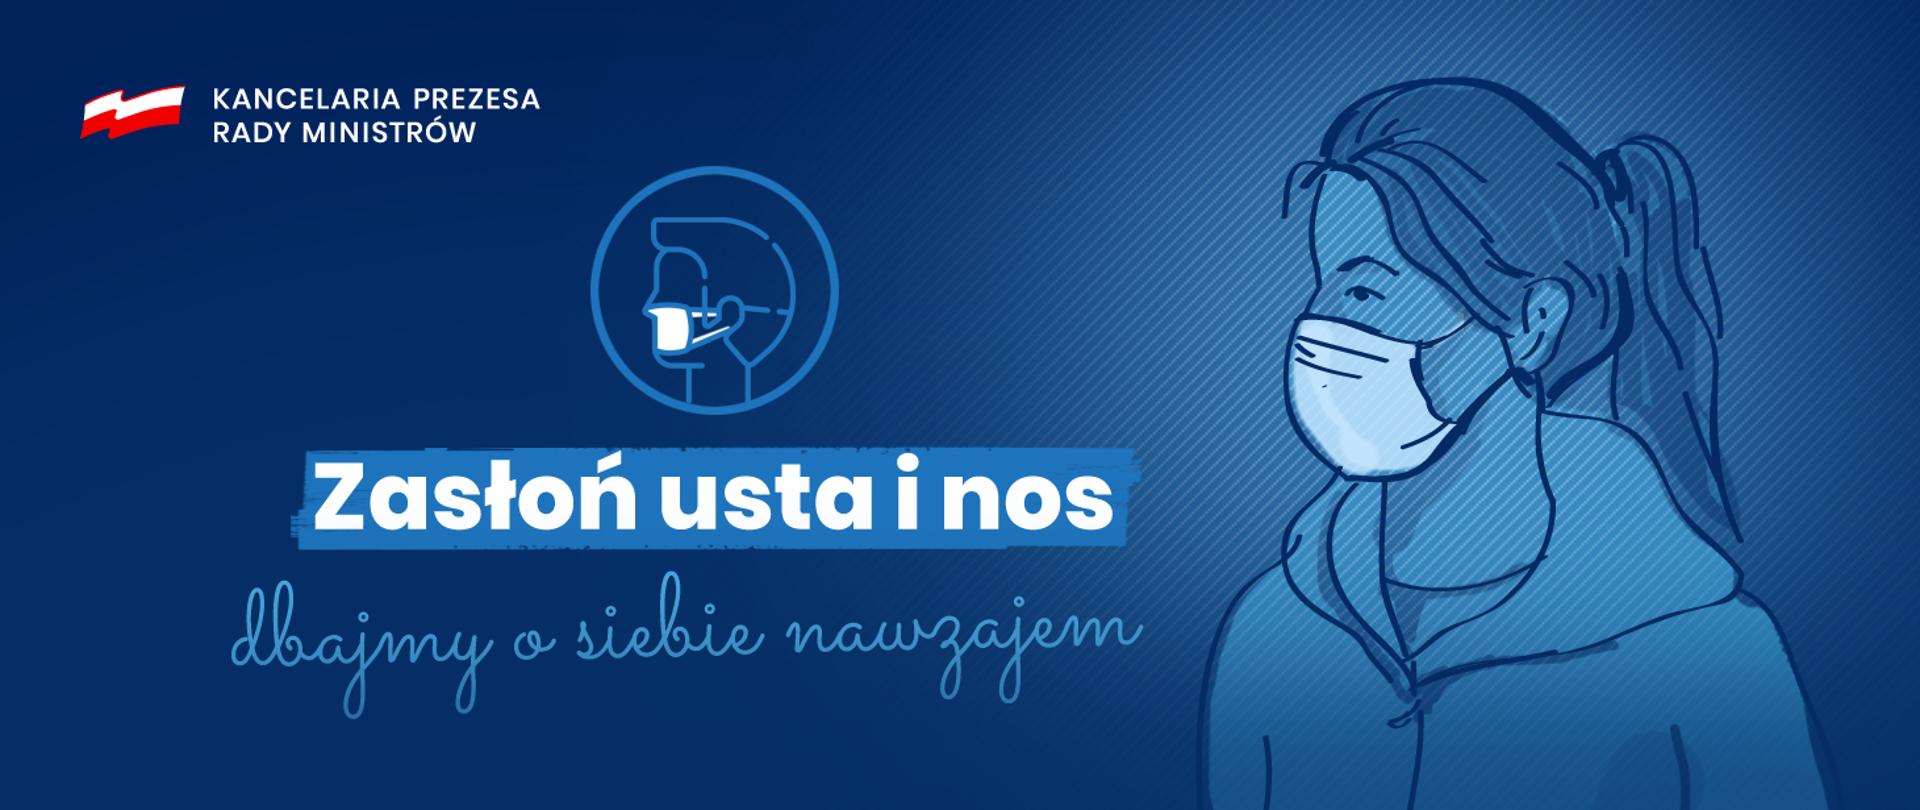 """Grafika przedstawiająca kobietę z maską na twarzy oraz napis """"Zasłoń usta i nos - dbajmy o siebie nawzajem"""""""